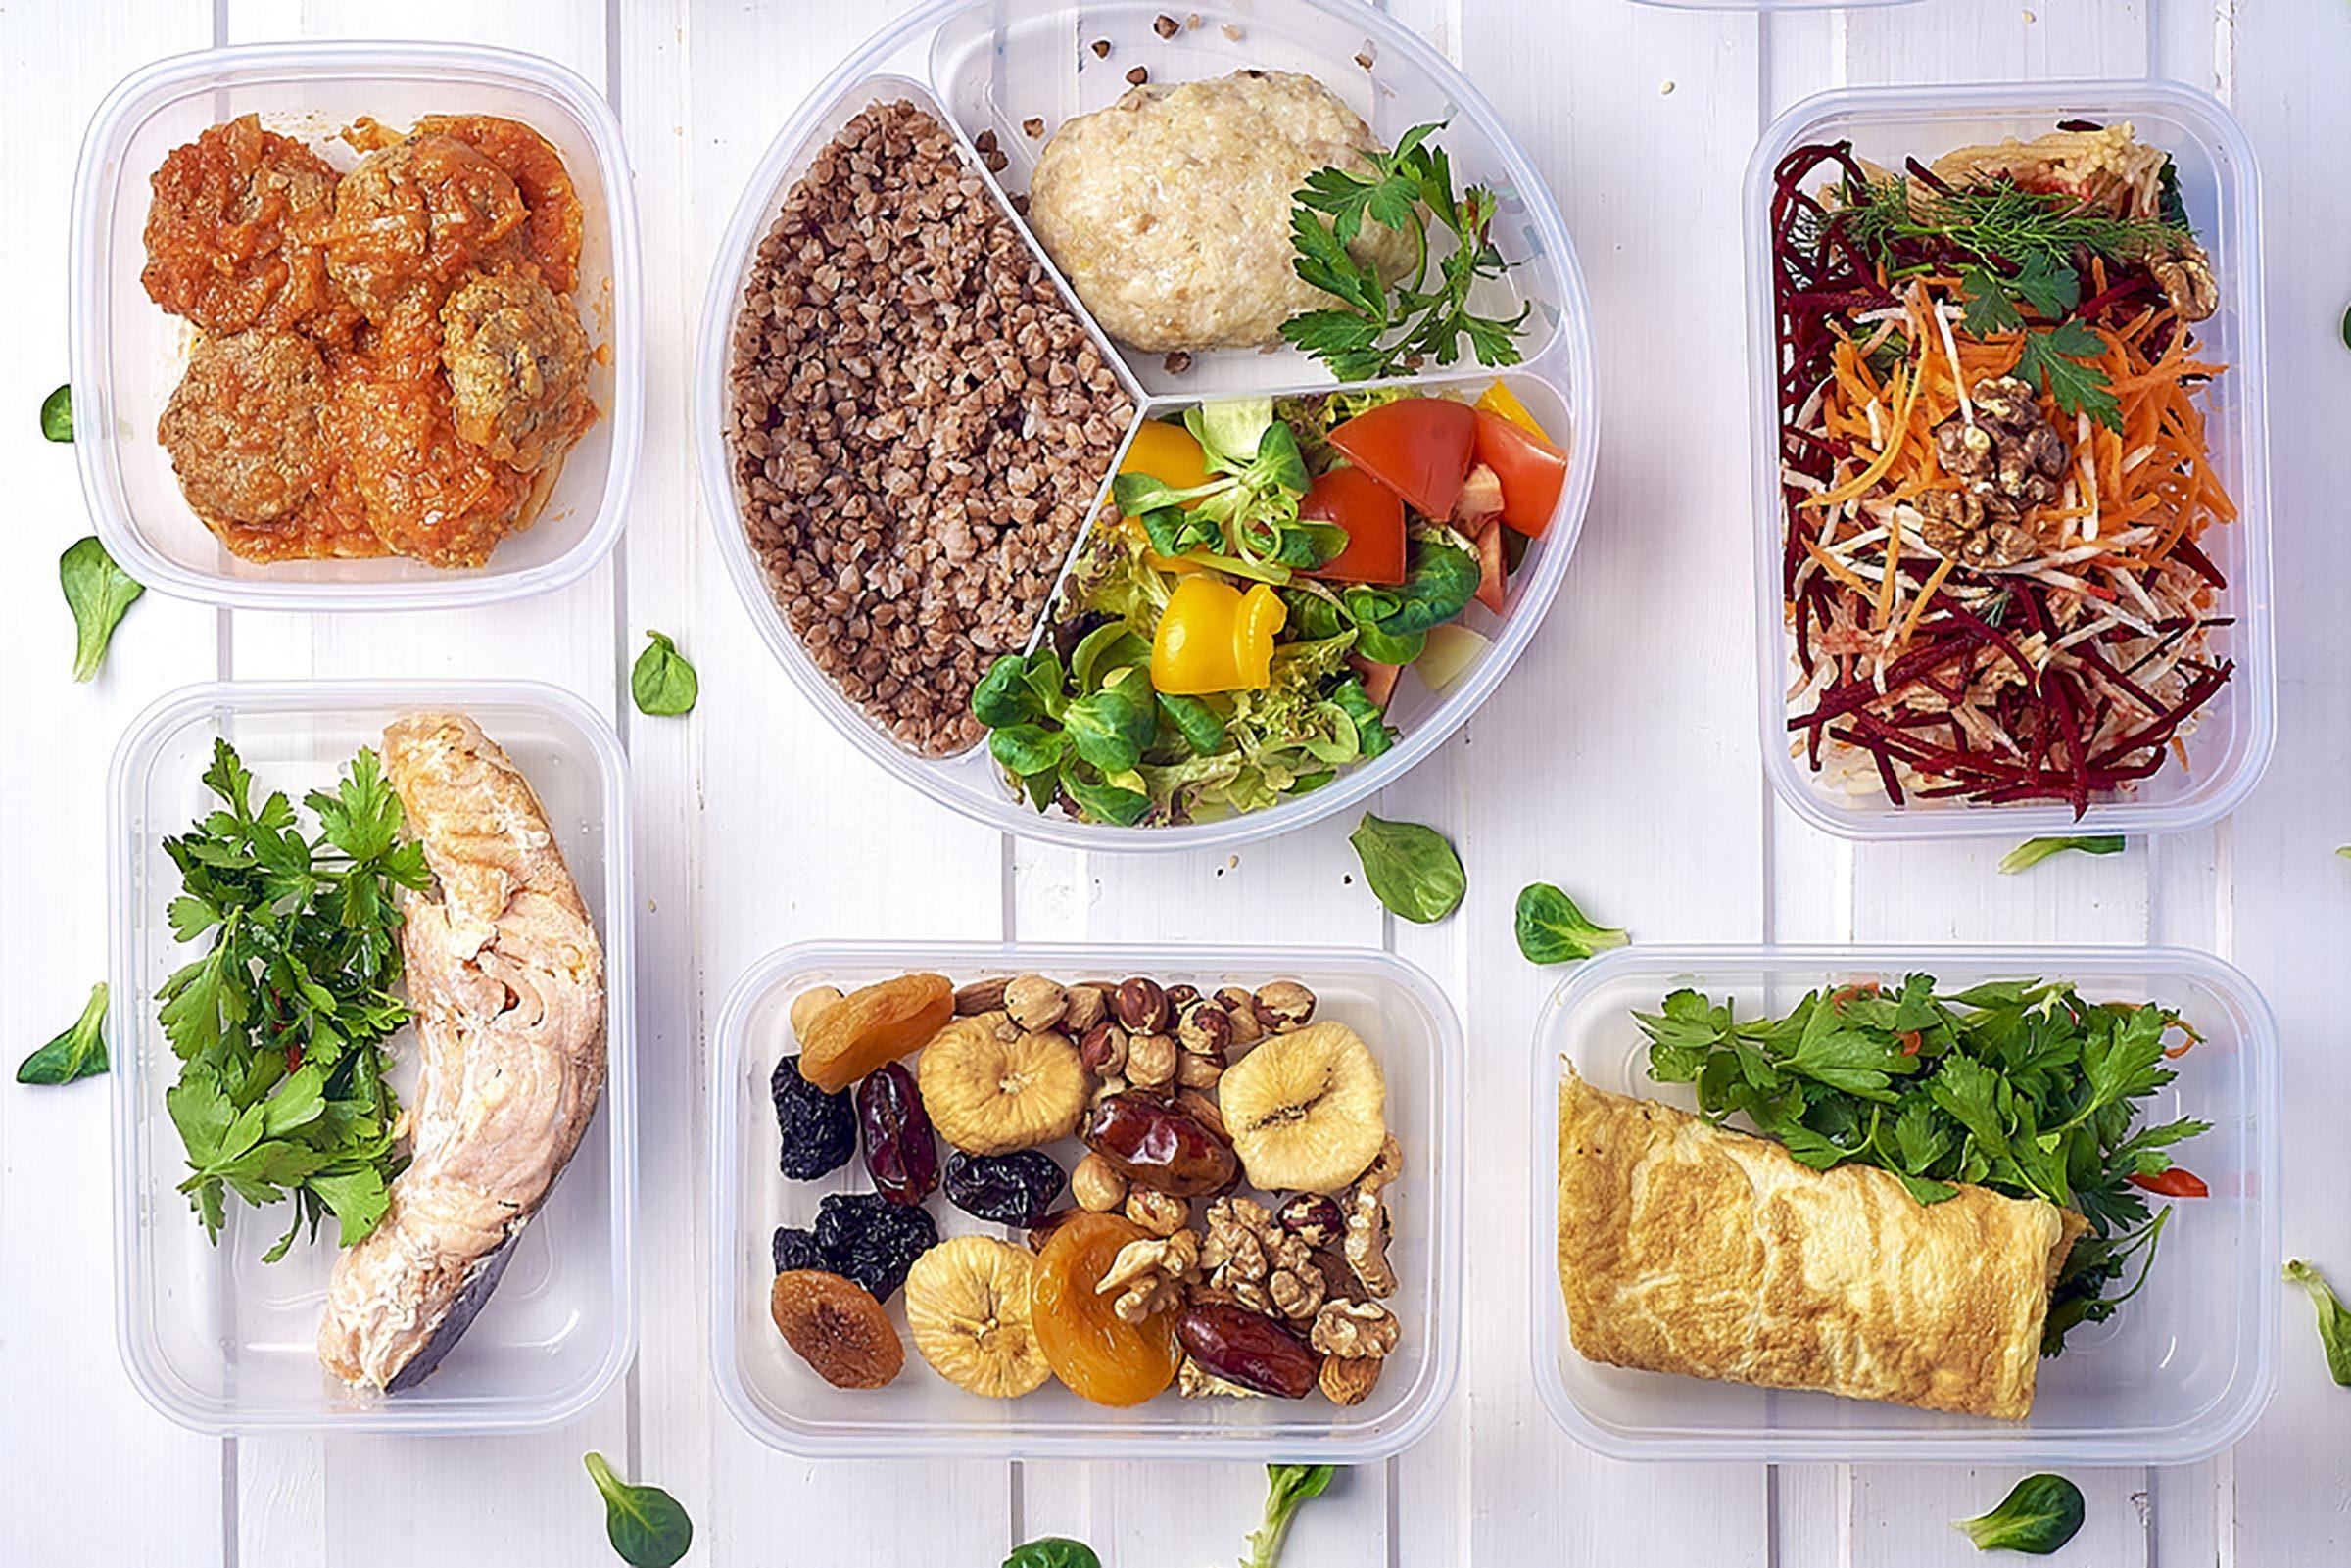 варианты здорового питания для похудения